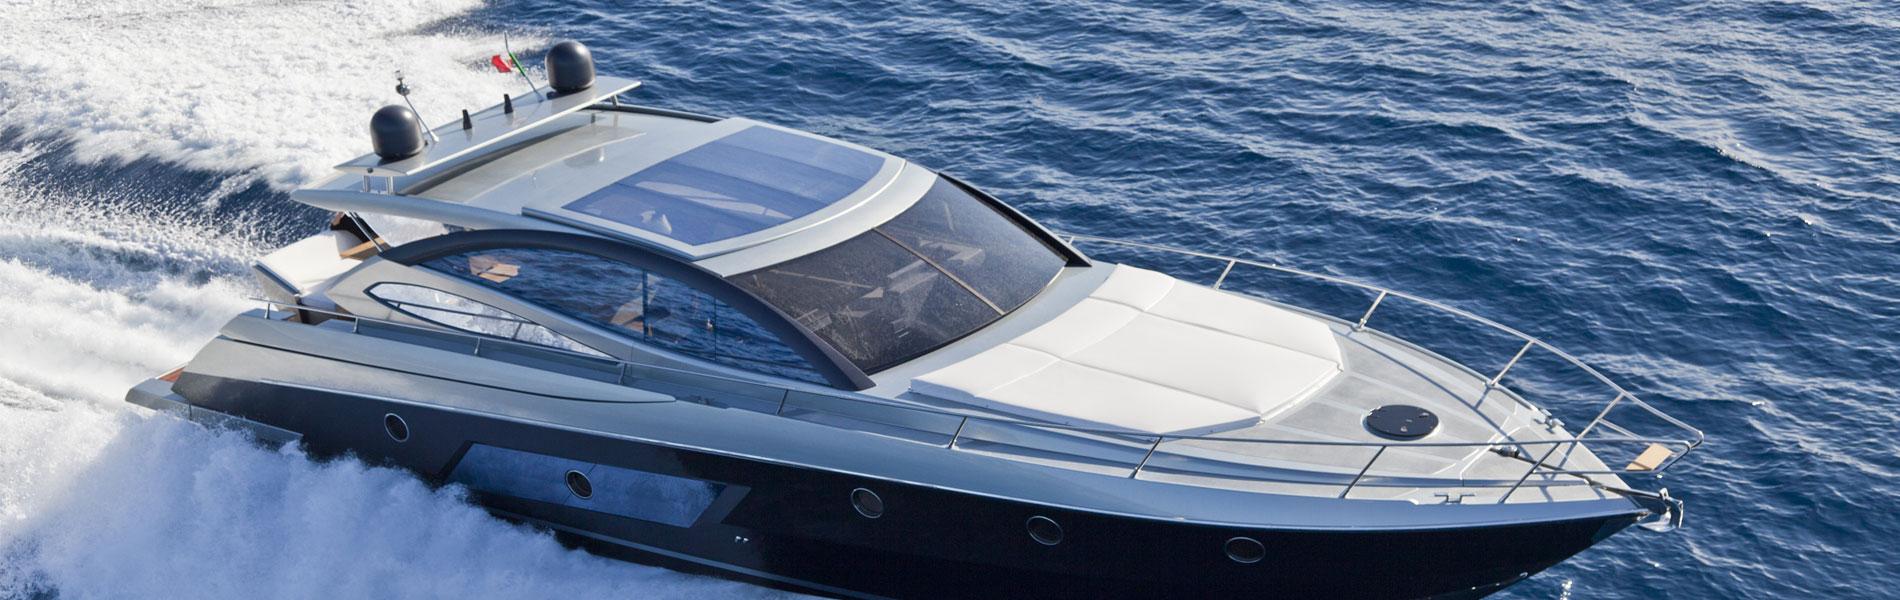 header-boat